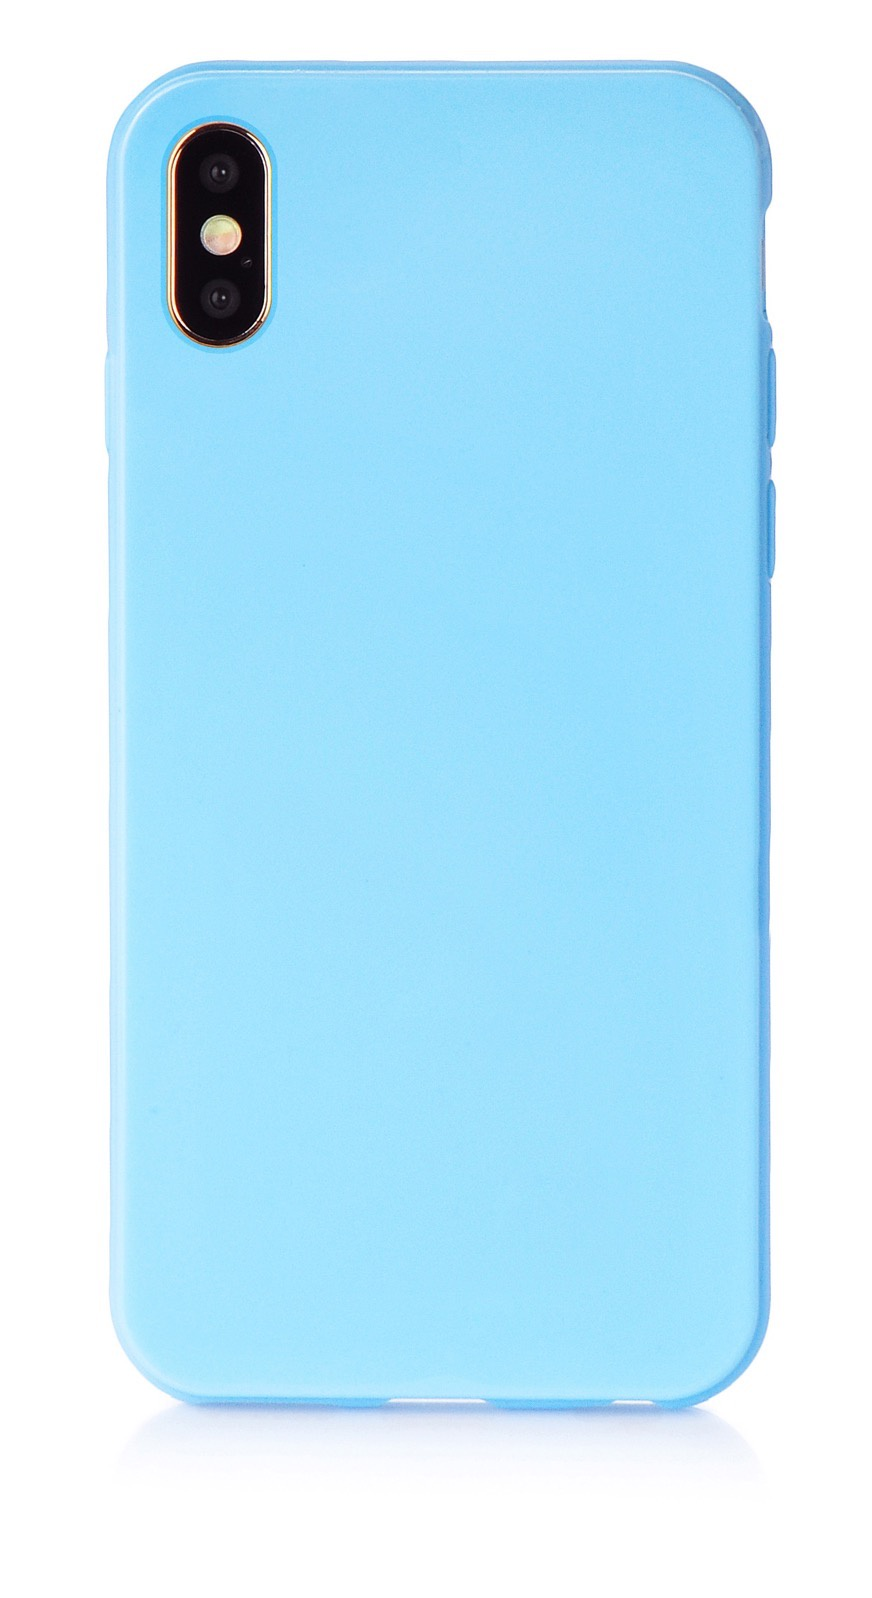 """Чехол для сотового телефона iNeez накладка силикон мыльница 907281 для Apple Iphone XS Max 6.5"""", голубой"""